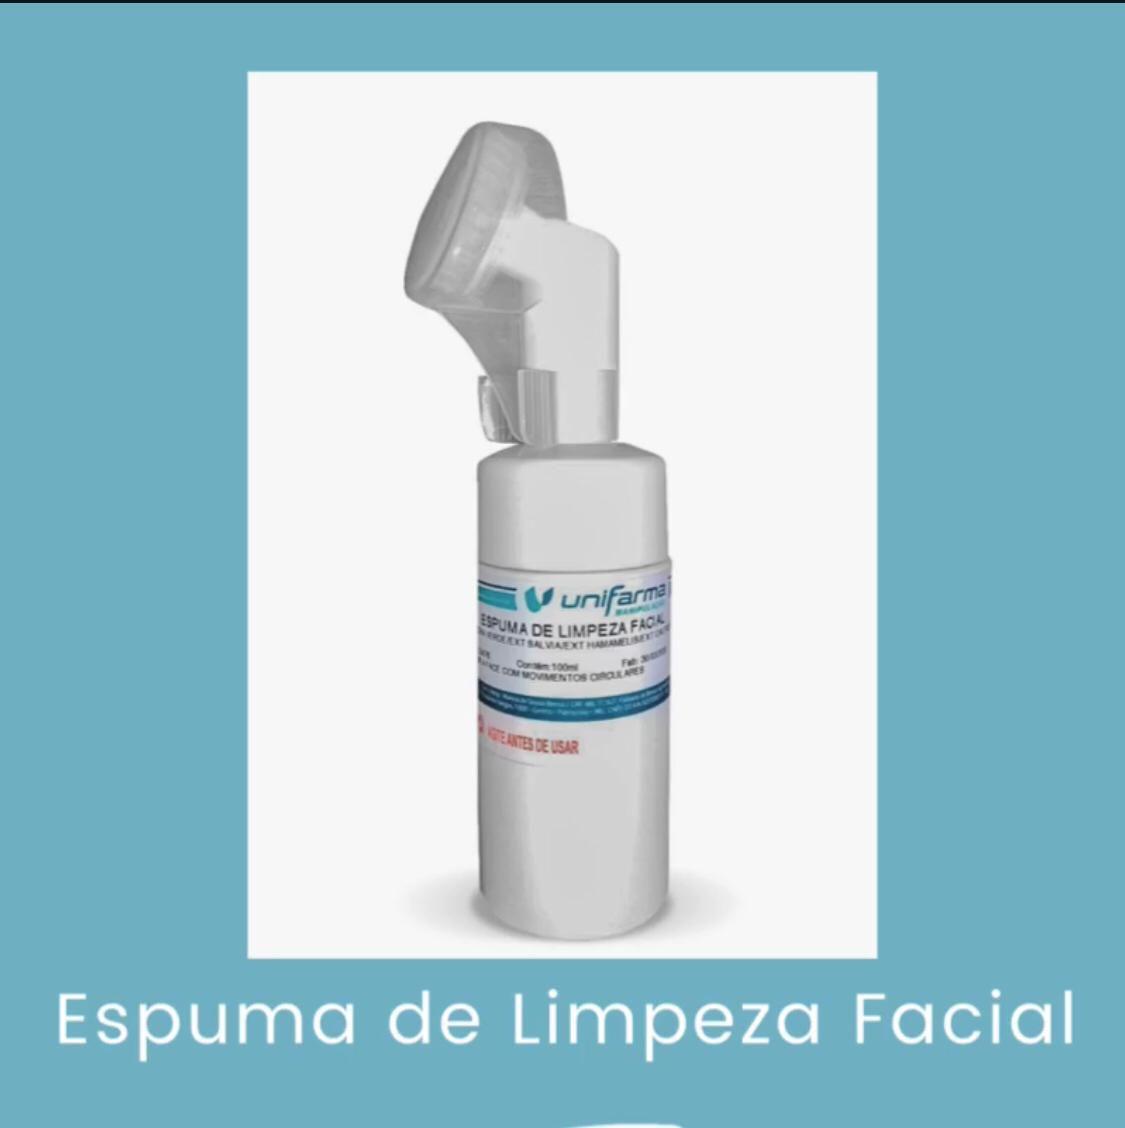 ESPUMA DE LIMPEZA FACIAL 150 ML